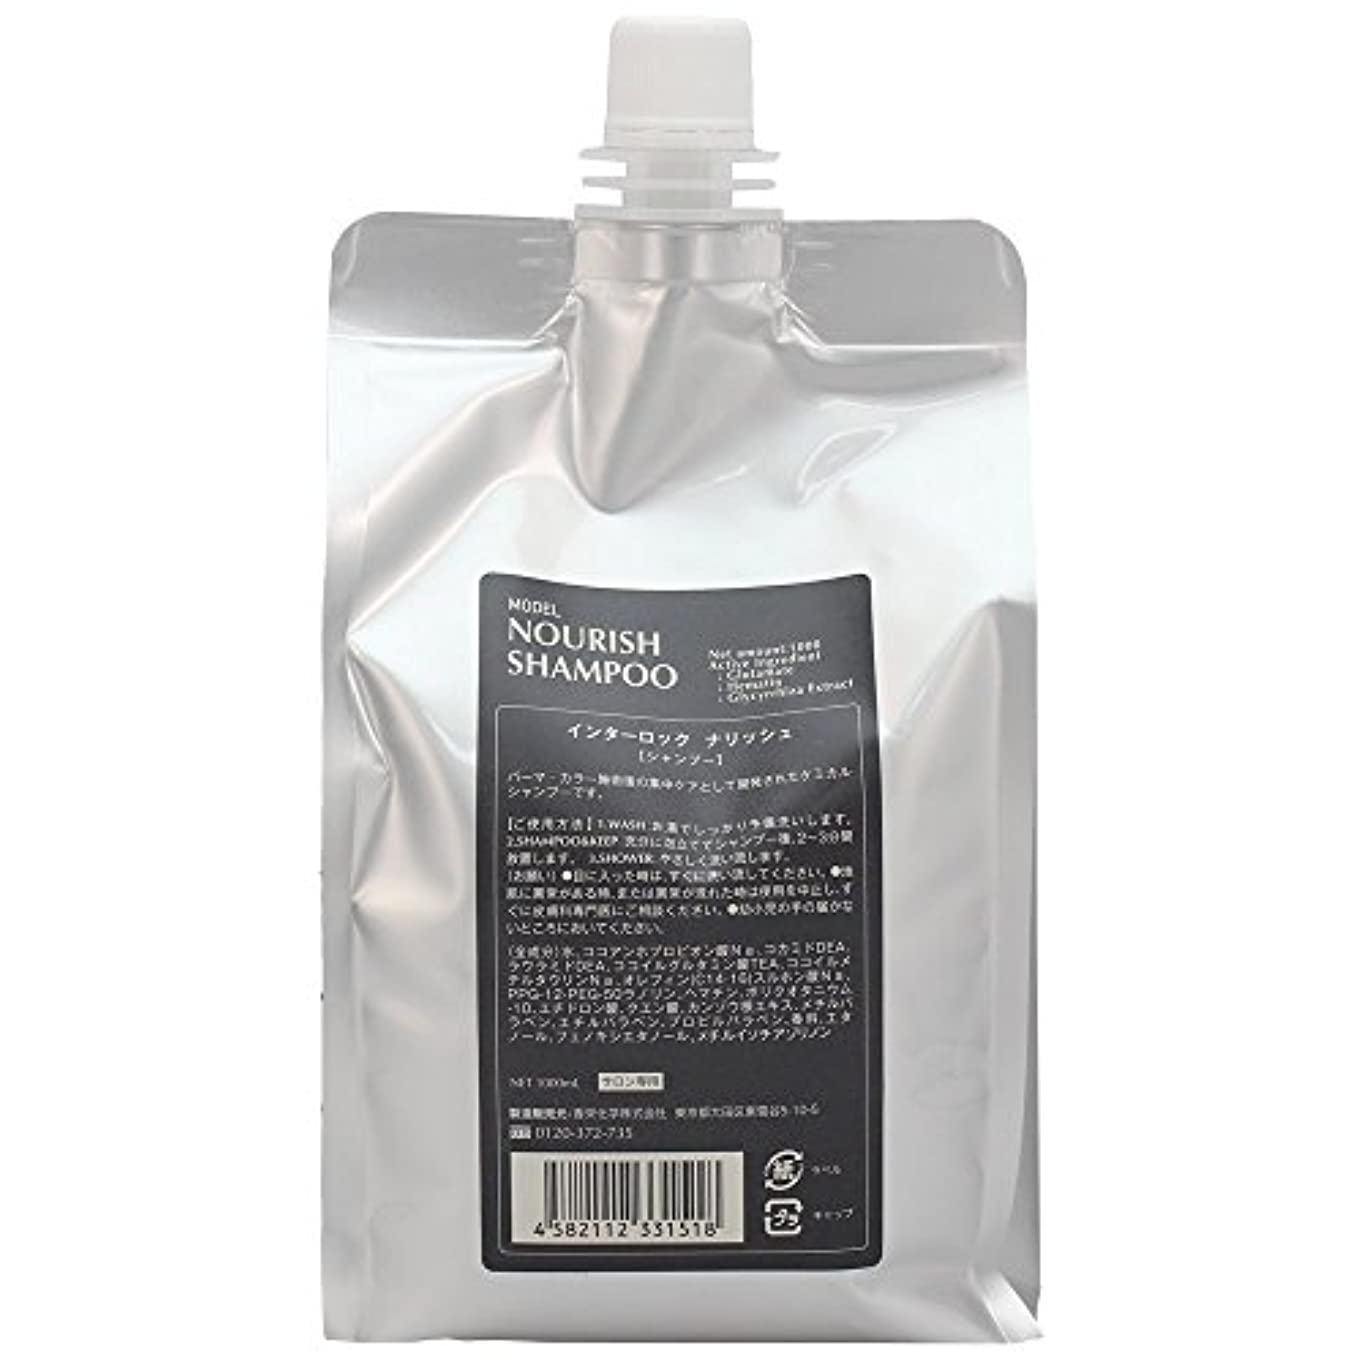 ガイドラインモナリザコンドーム香栄化学 ナリッシュシャンプー レフィル 1000ml